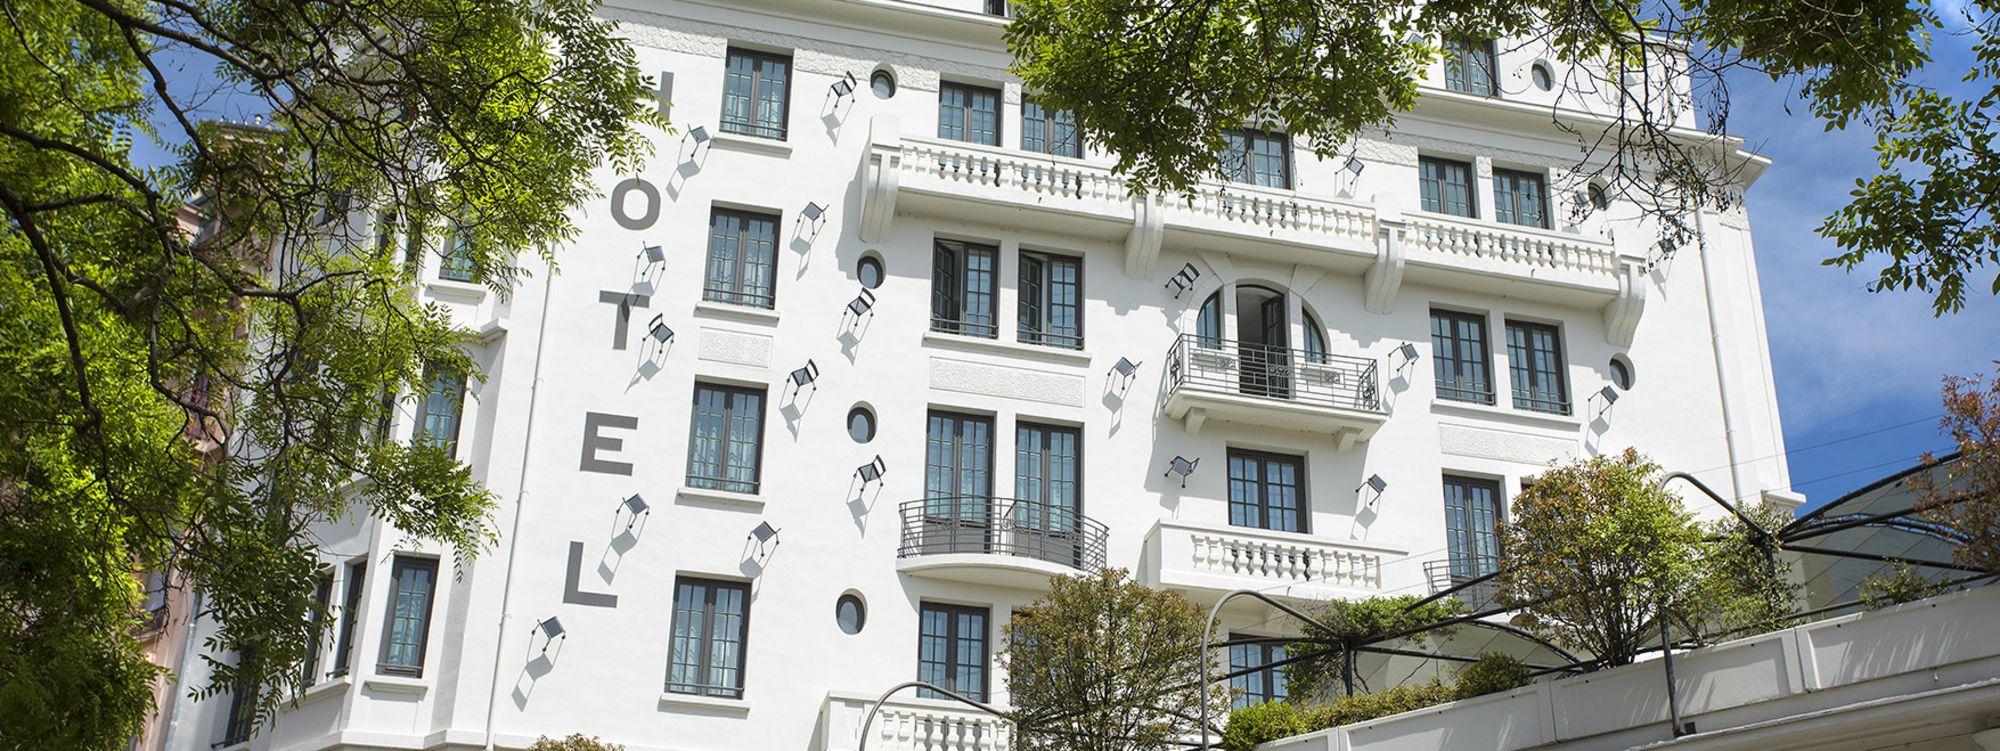 hotels de charme phuket